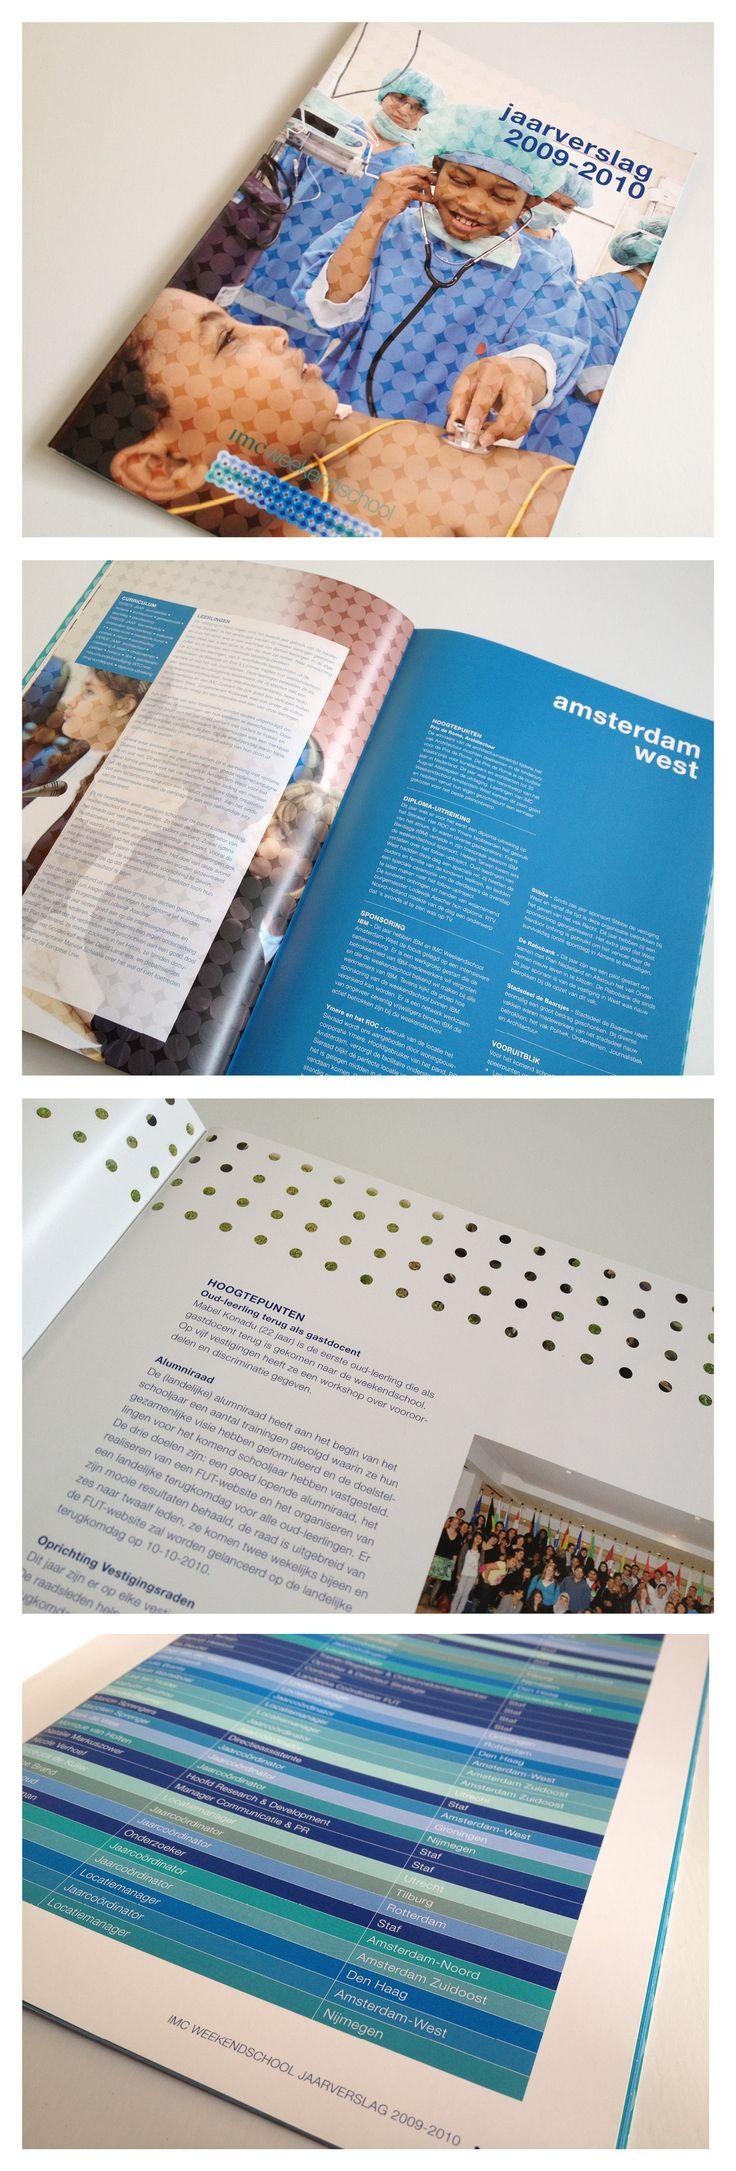 IMC WEEKENDSCHOOL. Ontwerp en opmaak van het jaarverslag, in een nieuwe frisse stijl, voor IMC weekendschool. Zakelijk, zonder de schoolidentiteit te verliezen.